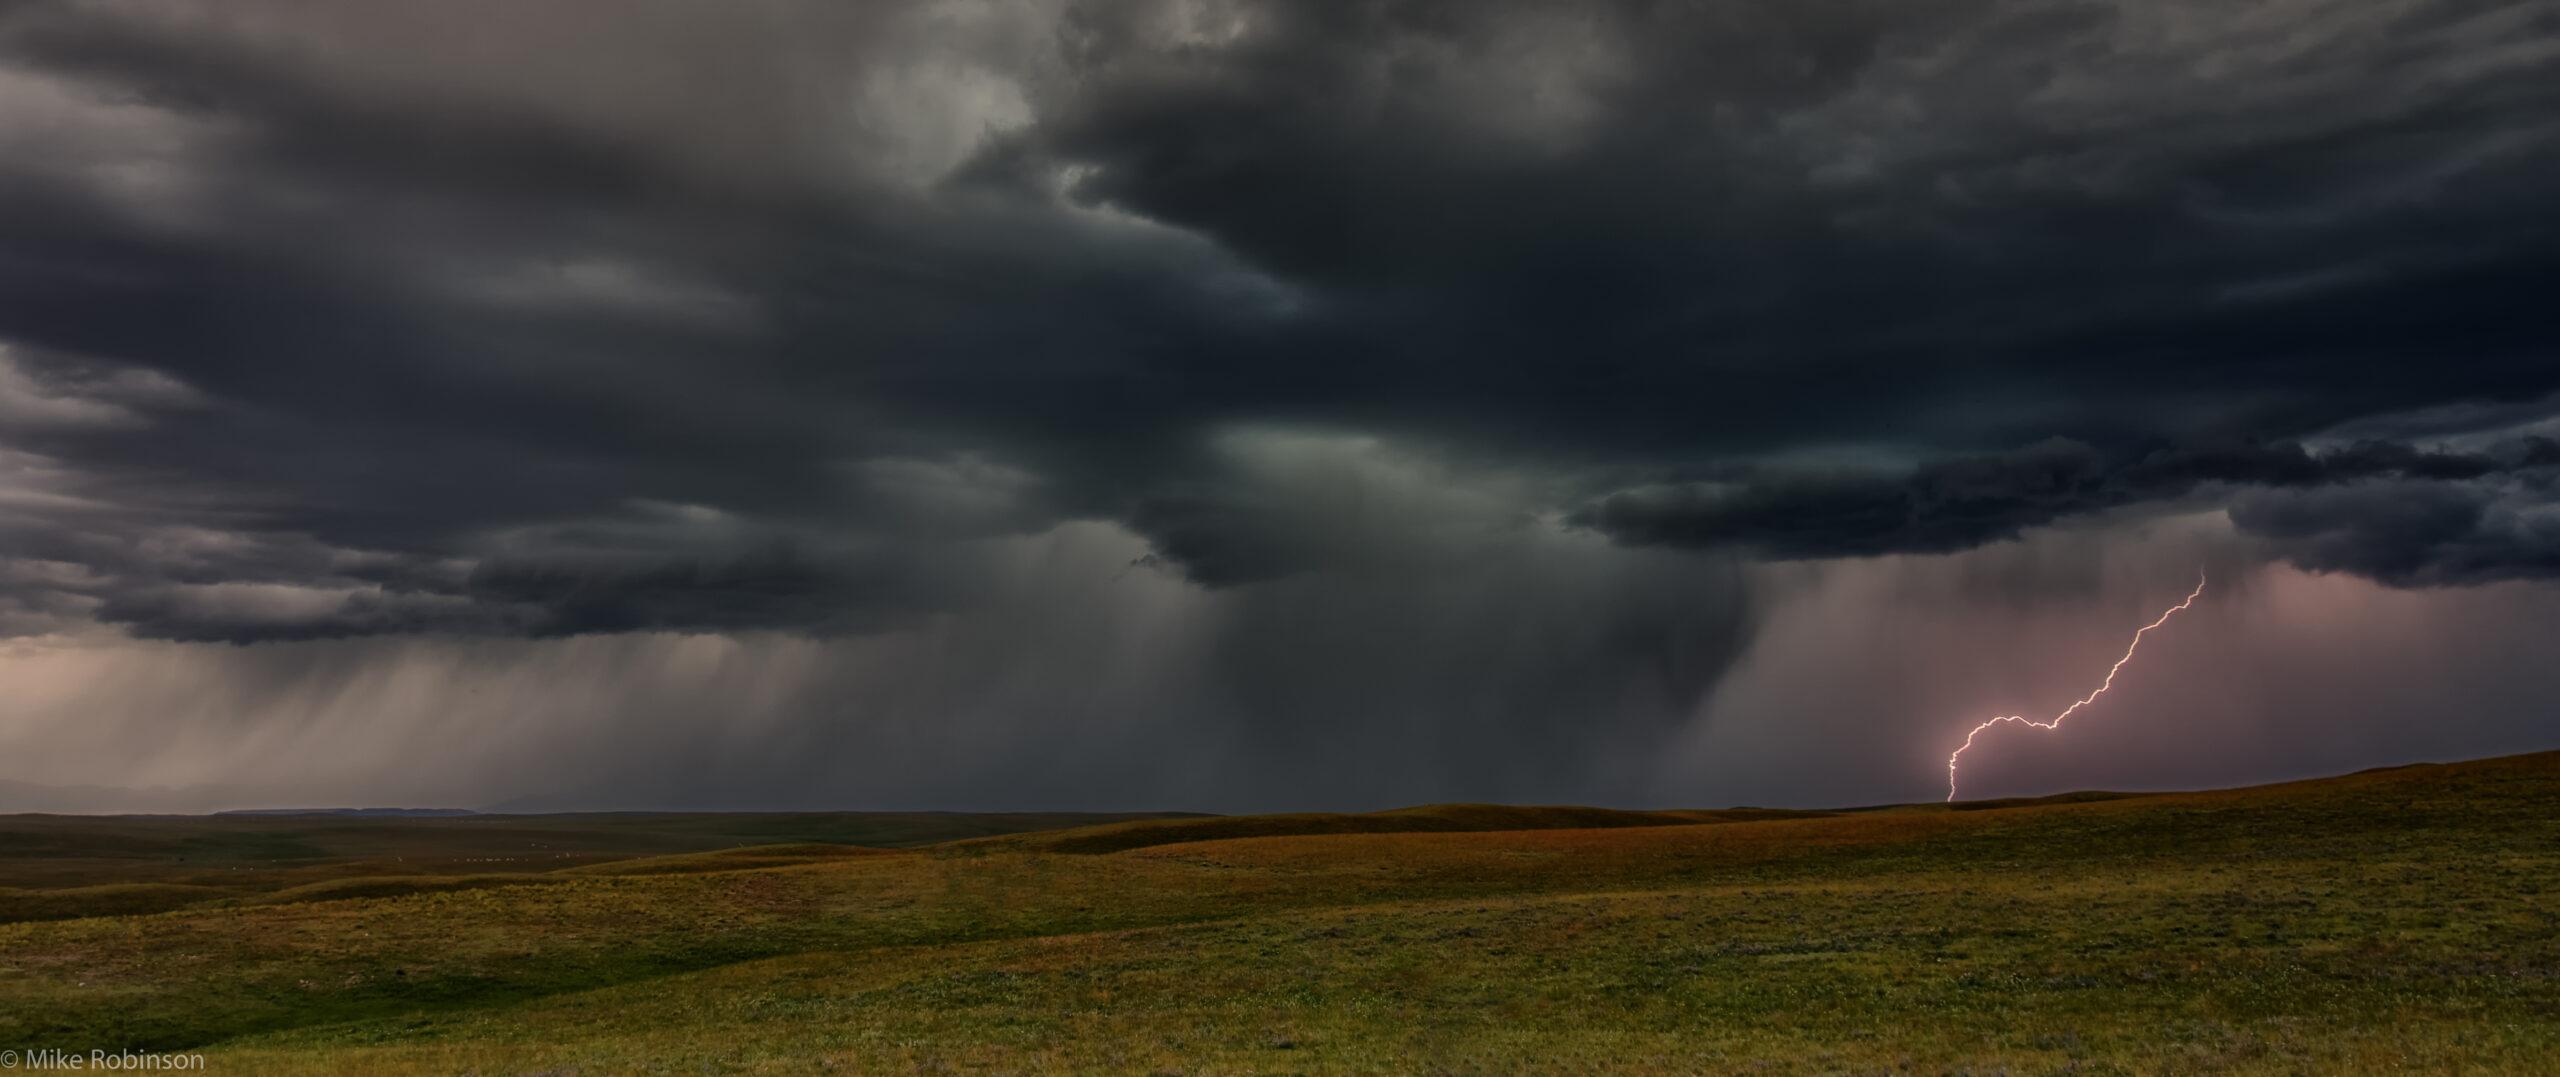 Πρόγνωση Θεσσαλίας και Σποράδων 19-21/4/21 Άστατος καιρός με ηλιοφάνεια και τοπικές μπόρες κυρίως στα ορεινά (+χάρτης βροχής)